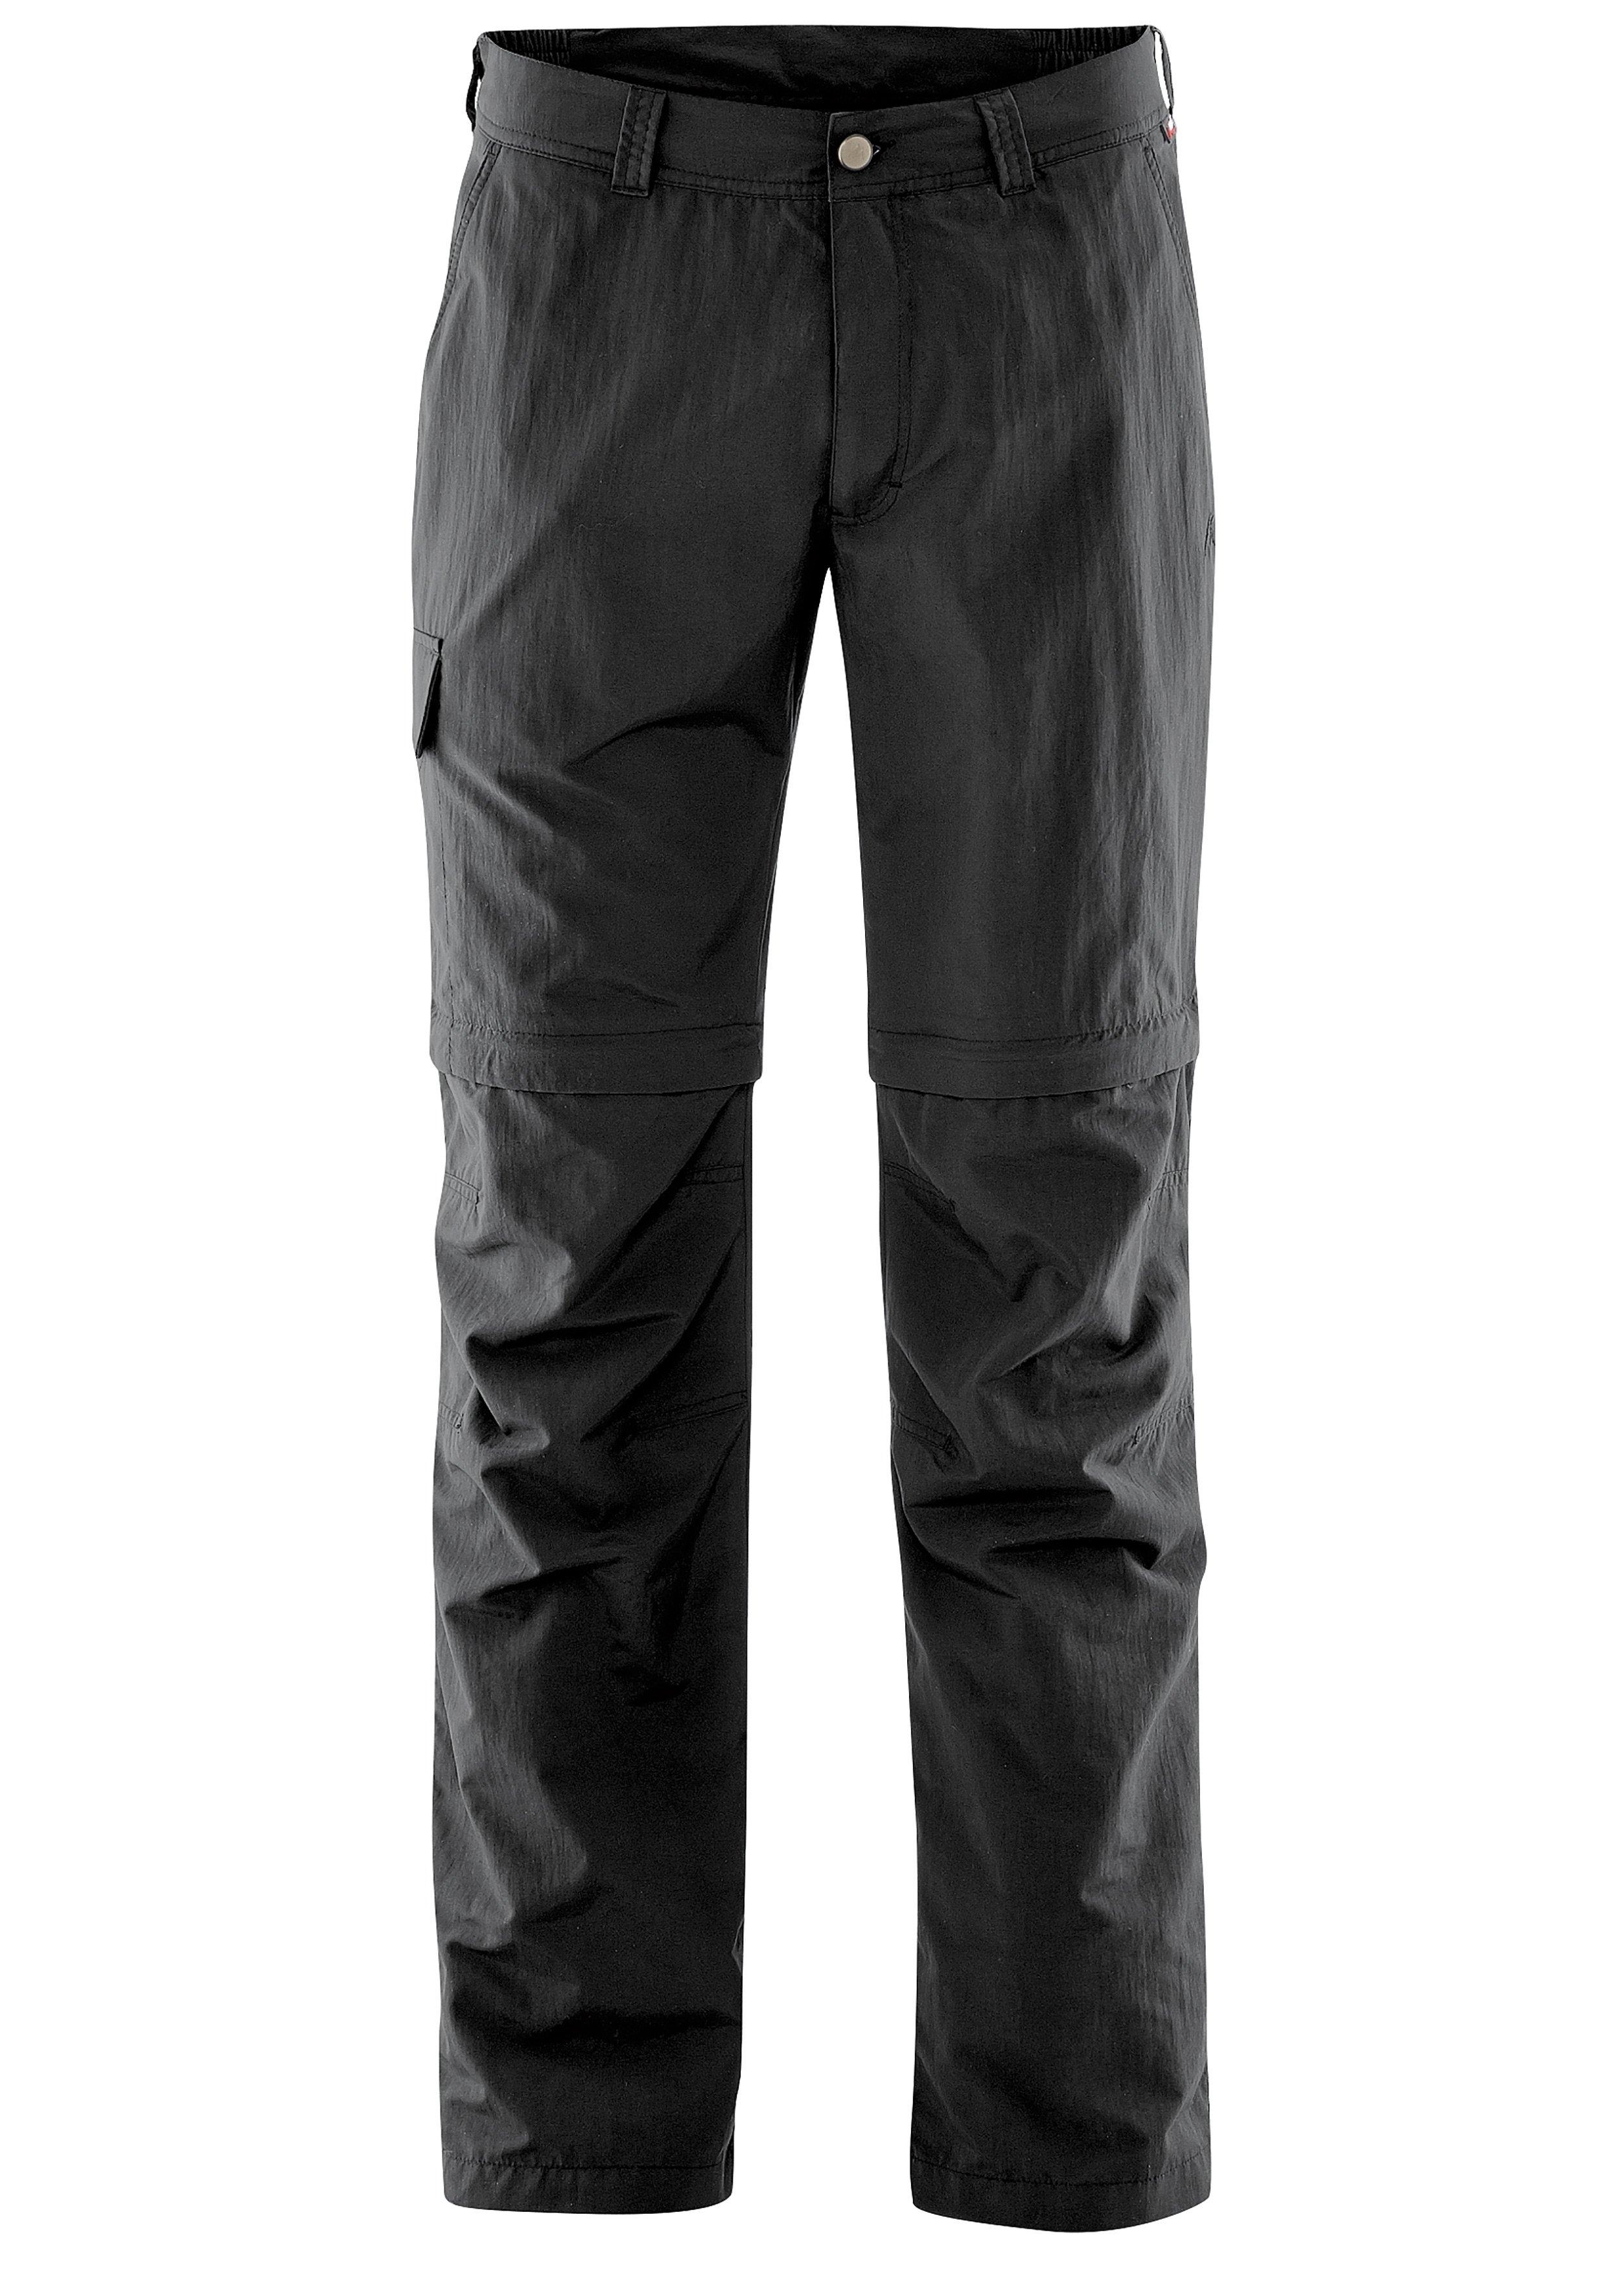 Maier Sports functionele broek Trave Veelzijdige functionele broek, perfect voor wandelen en vrije tijd - verschillende betaalmethodes